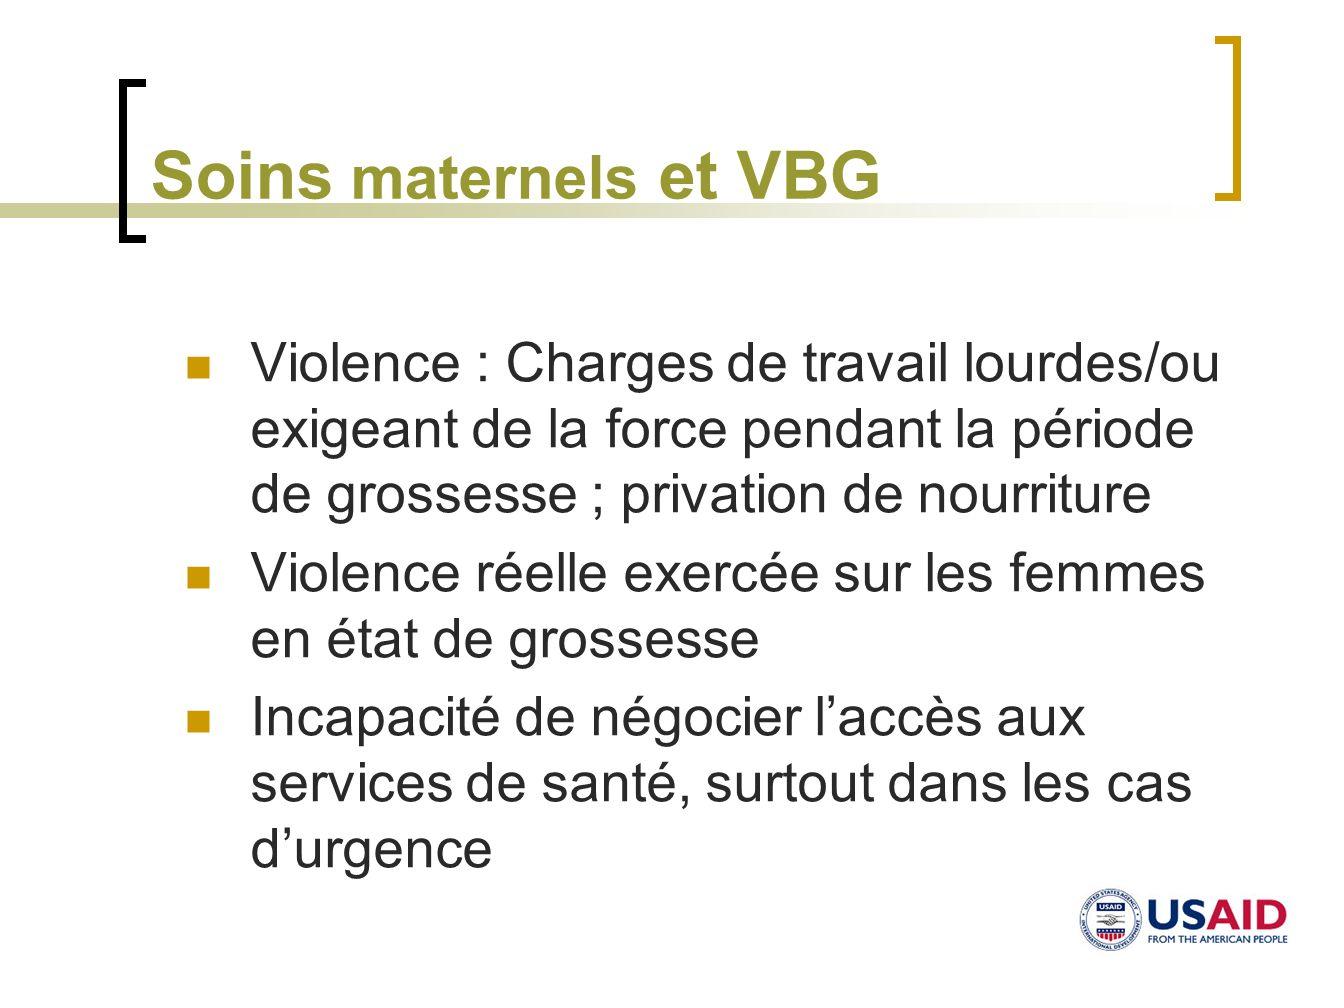 Soins maternels et VBG Violence : Charges de travail lourdes/ou exigeant de la force pendant la période de grossesse ; privation de nourriture Violenc